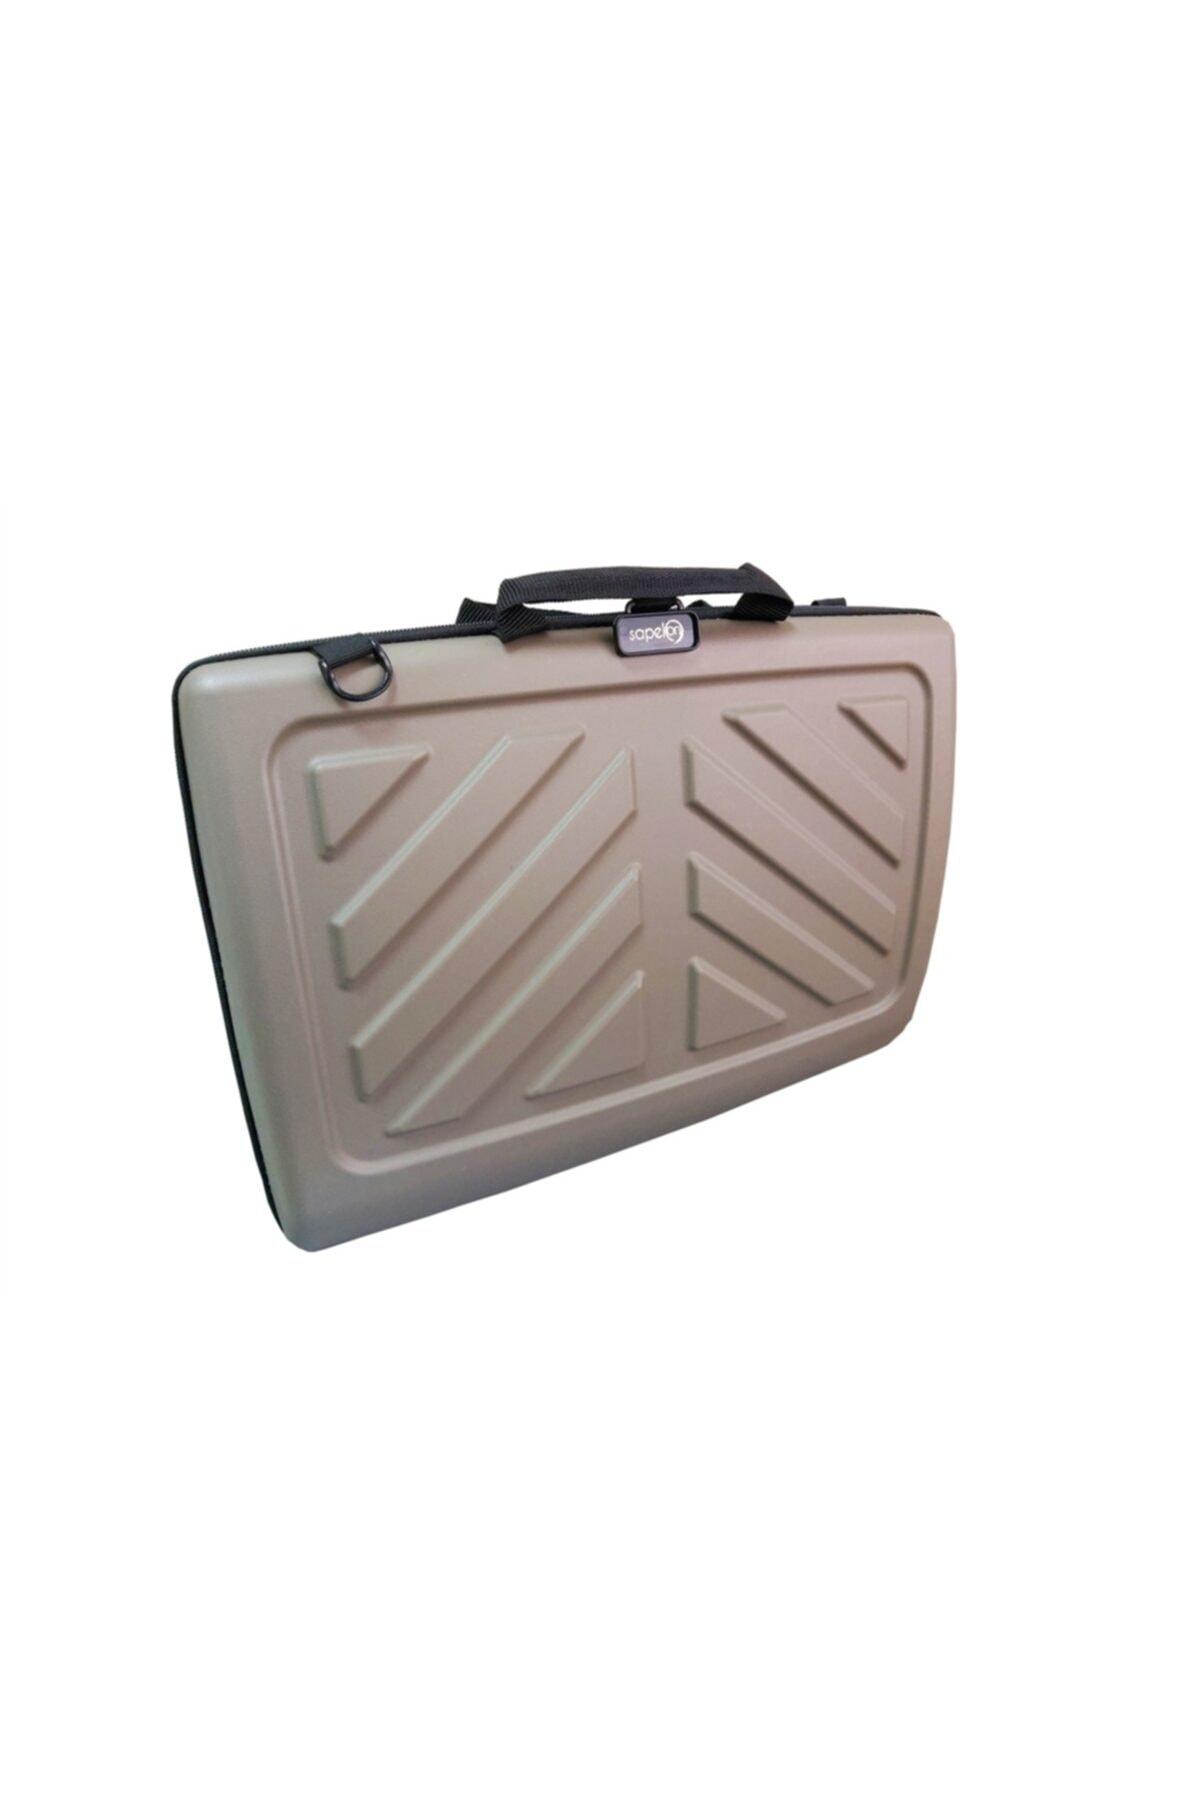 Sapelon Bej Hard Case Laptop Çantası 2